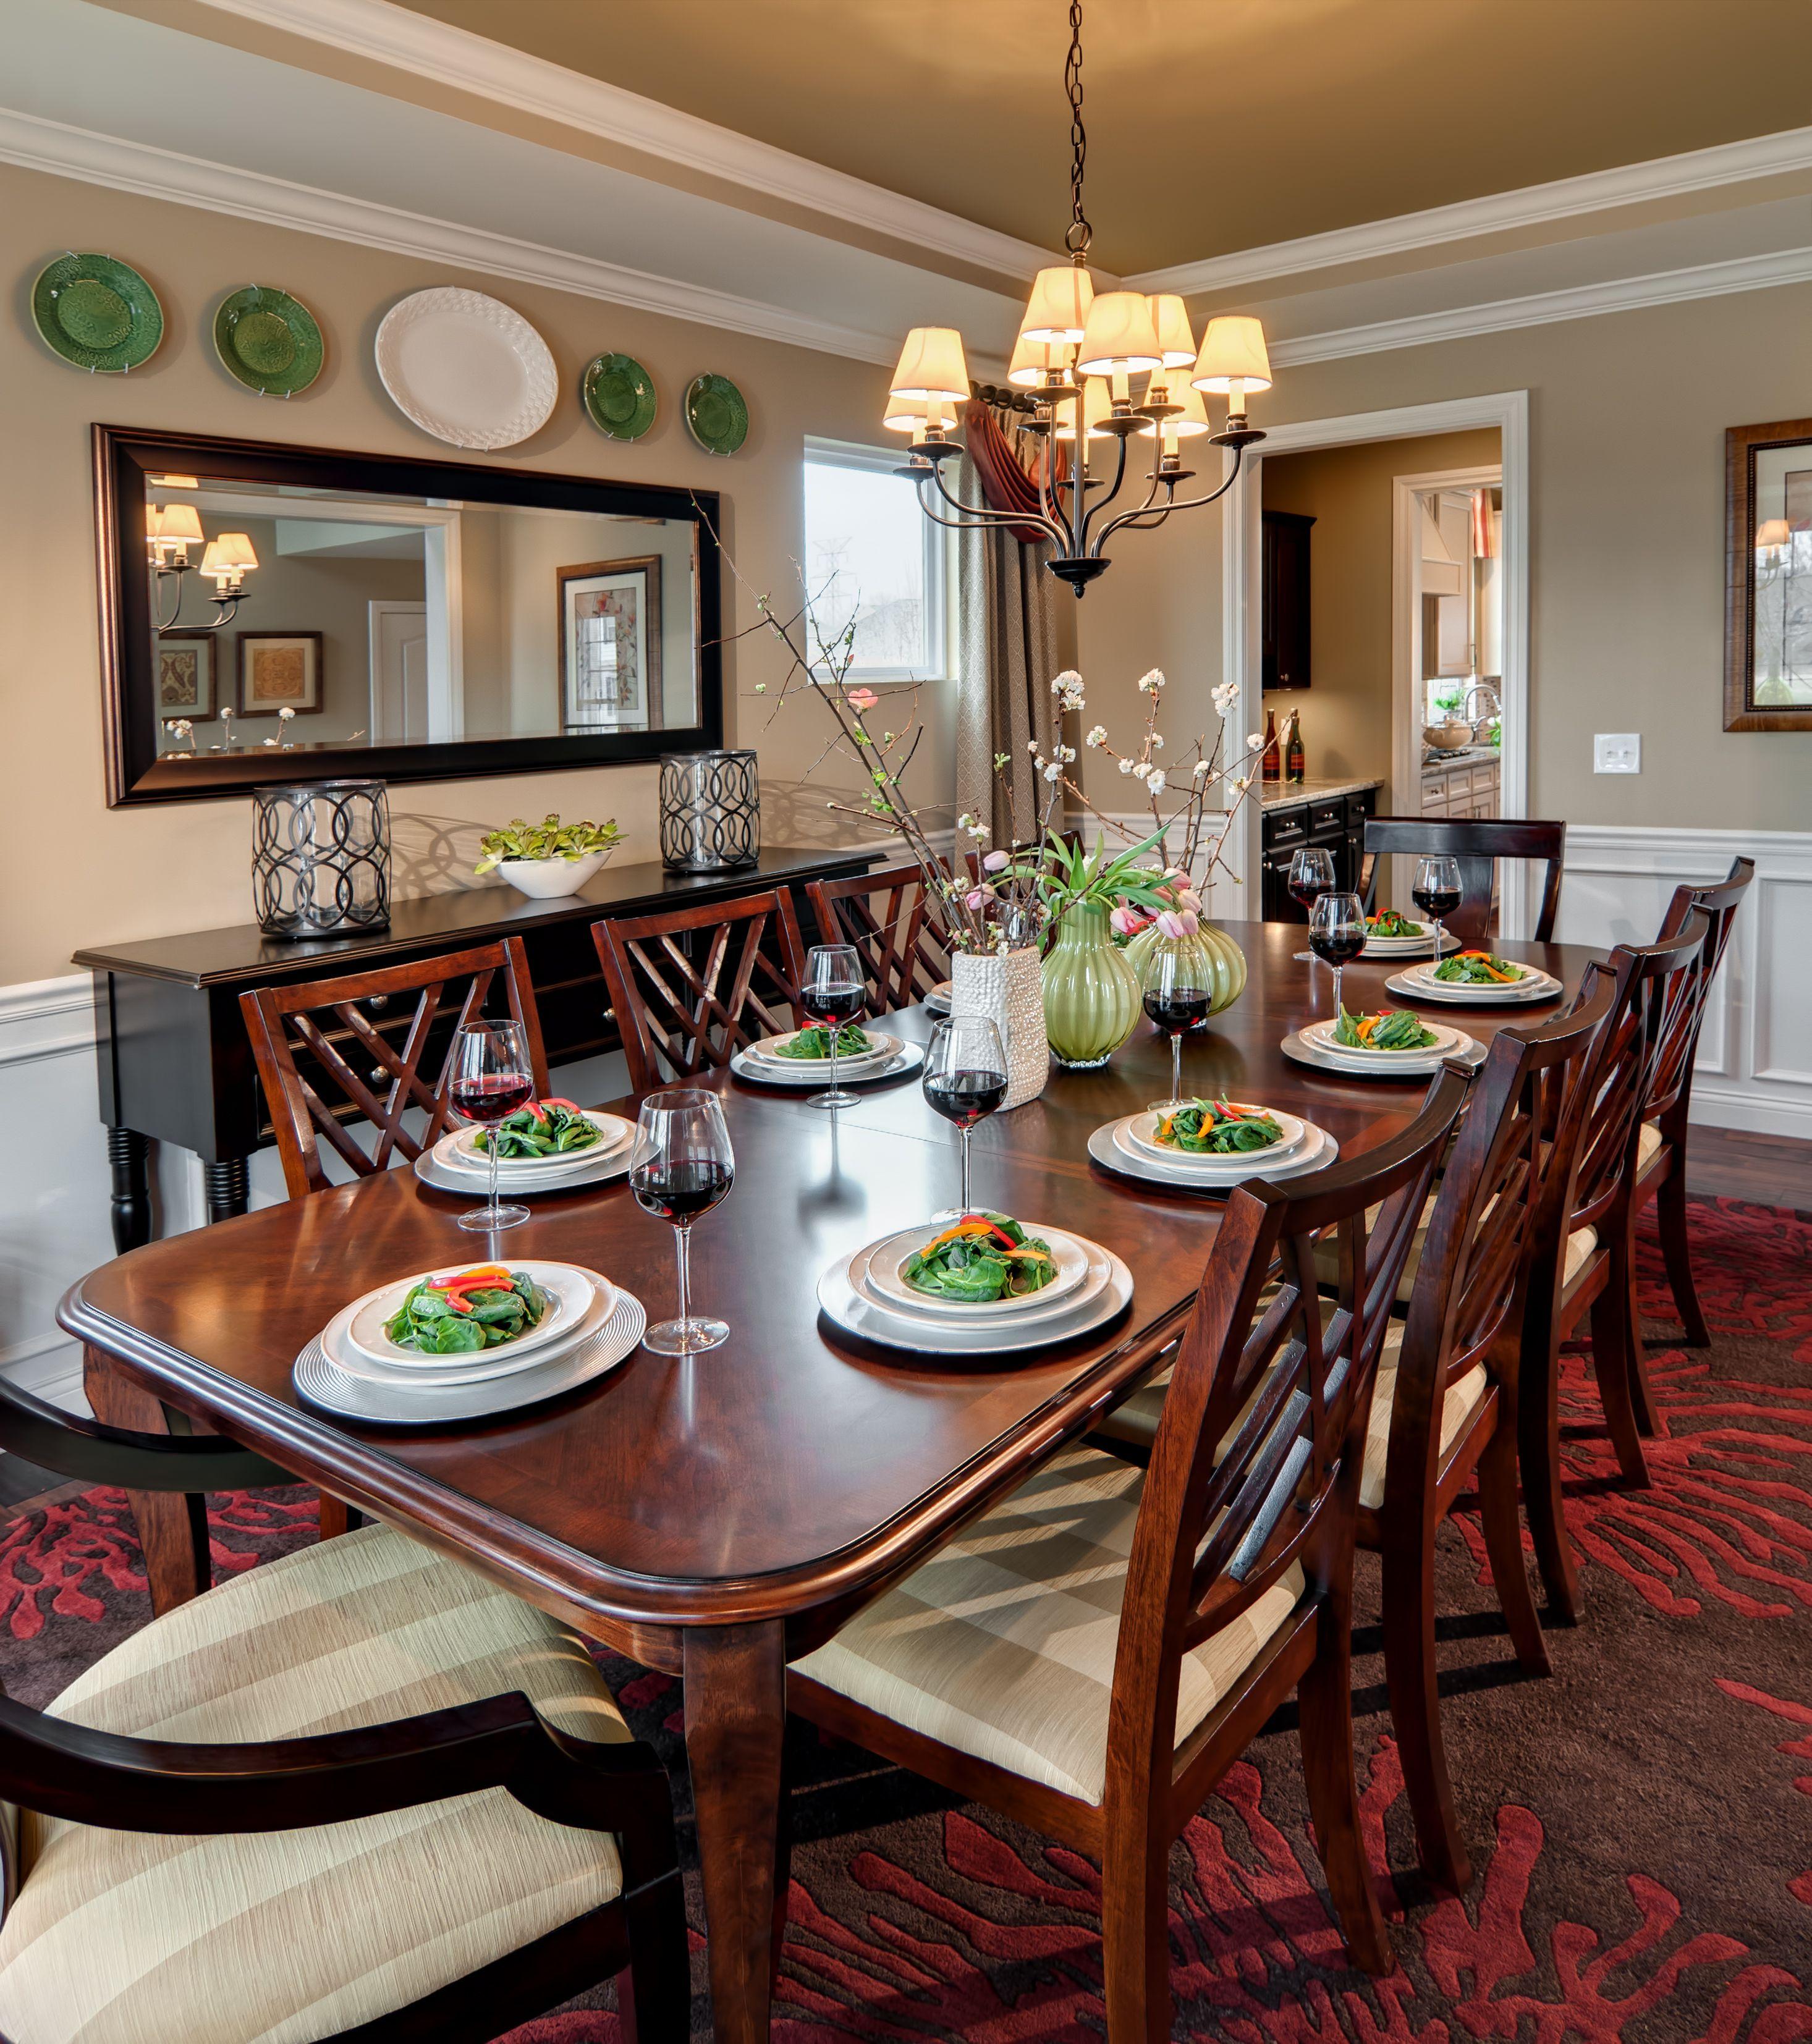 Estates at Shayler Ridge - Dining Room | Dining room decor ...